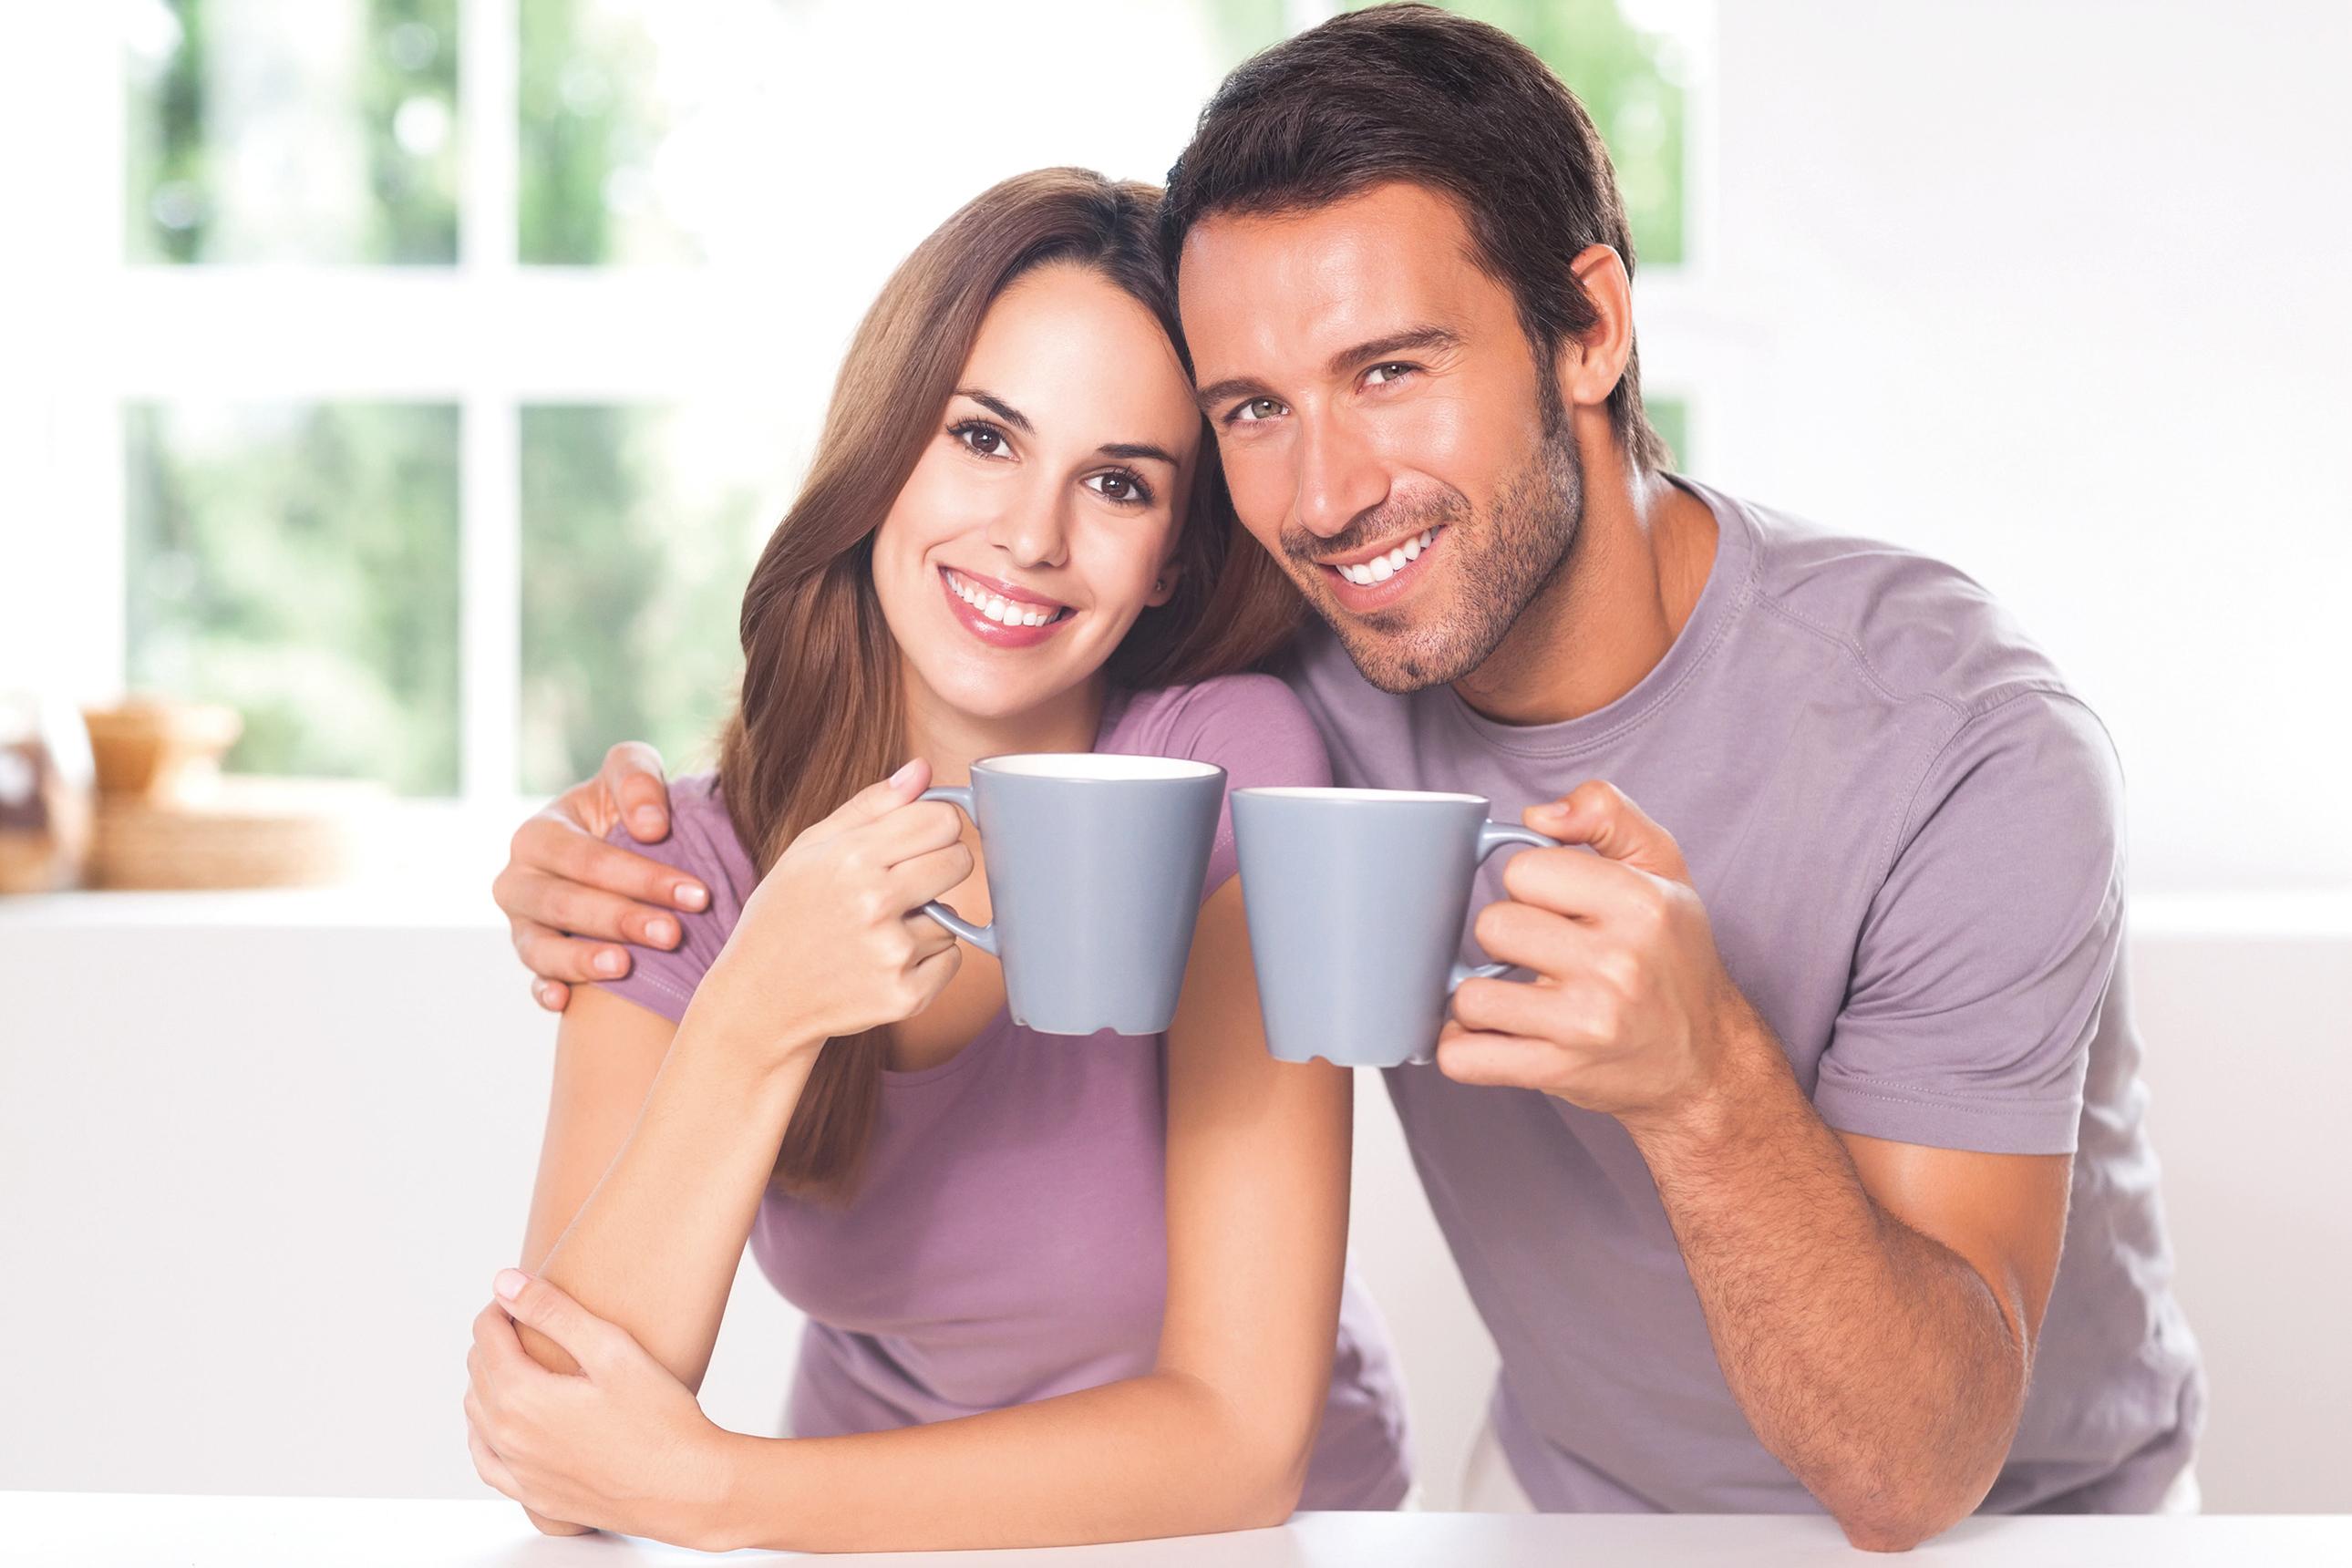 夫妻之間 婚姻危機靠自己